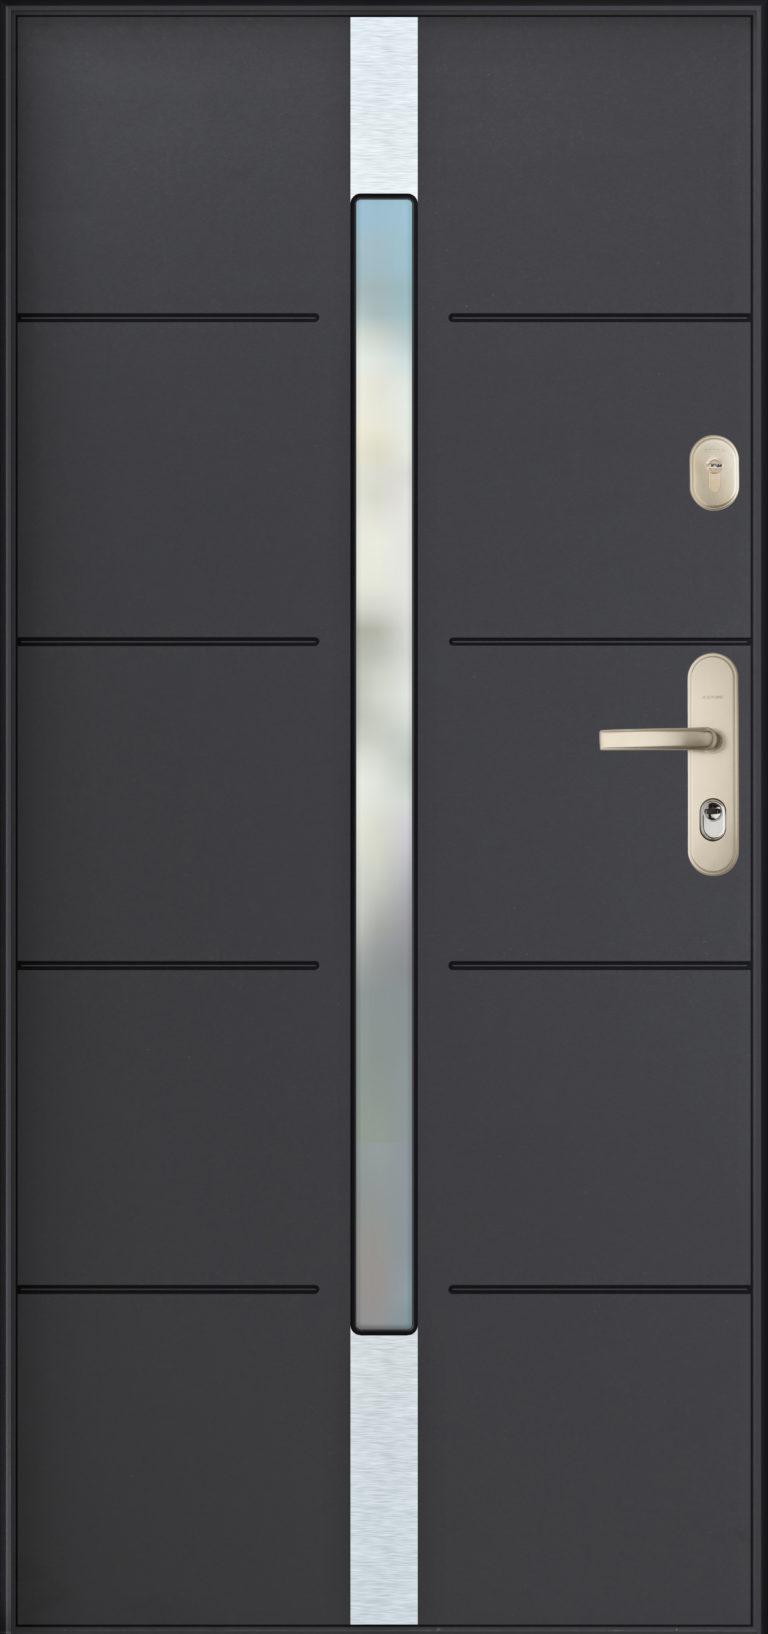 Gerda wzór PLR ROTTERDAM drzwi wejściowe antywłamaniowe klasy RC4 (wersja SX), przetłoczenia na skrzydle i szyba w centralnej części skrzydła, kolor antracyt